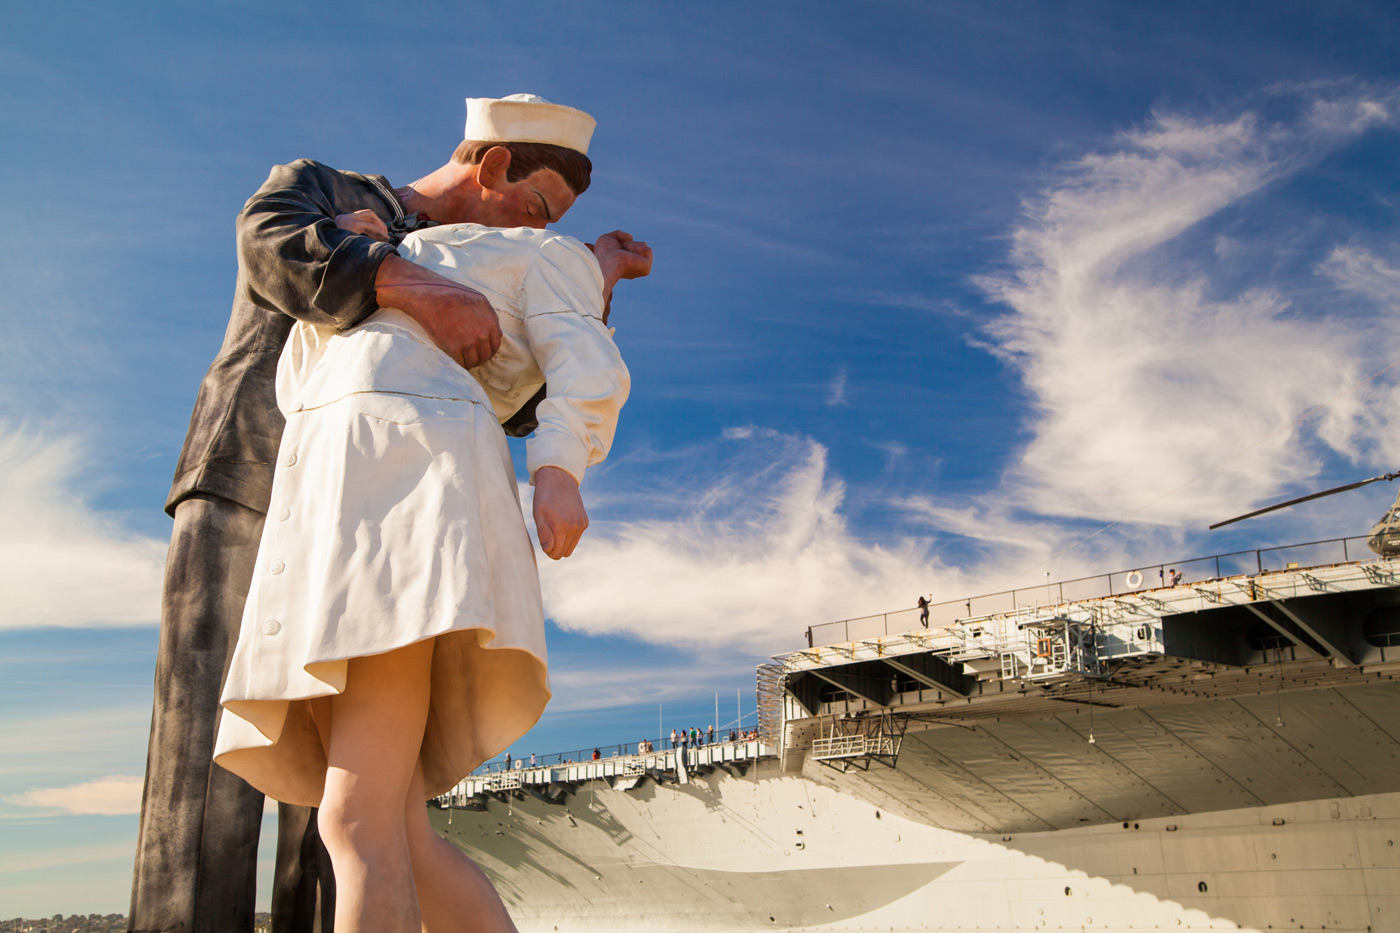 Статуя поцелуя моряка и медсестры